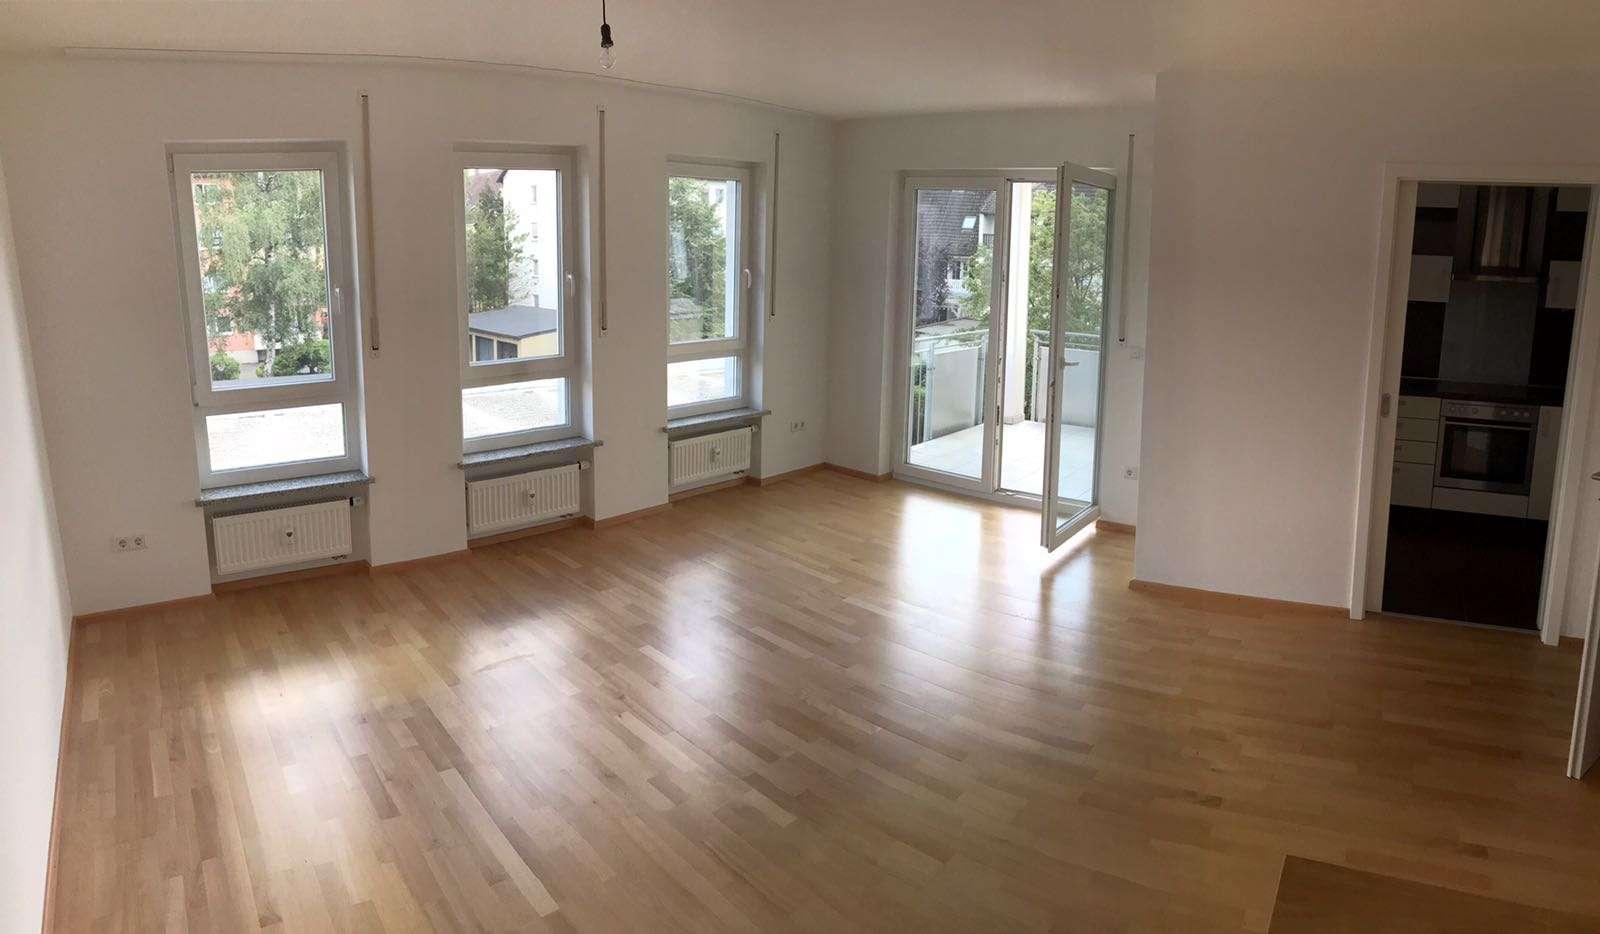 66 m², 2 Zimmer-Wohnung am Rehbühl, 680 € in